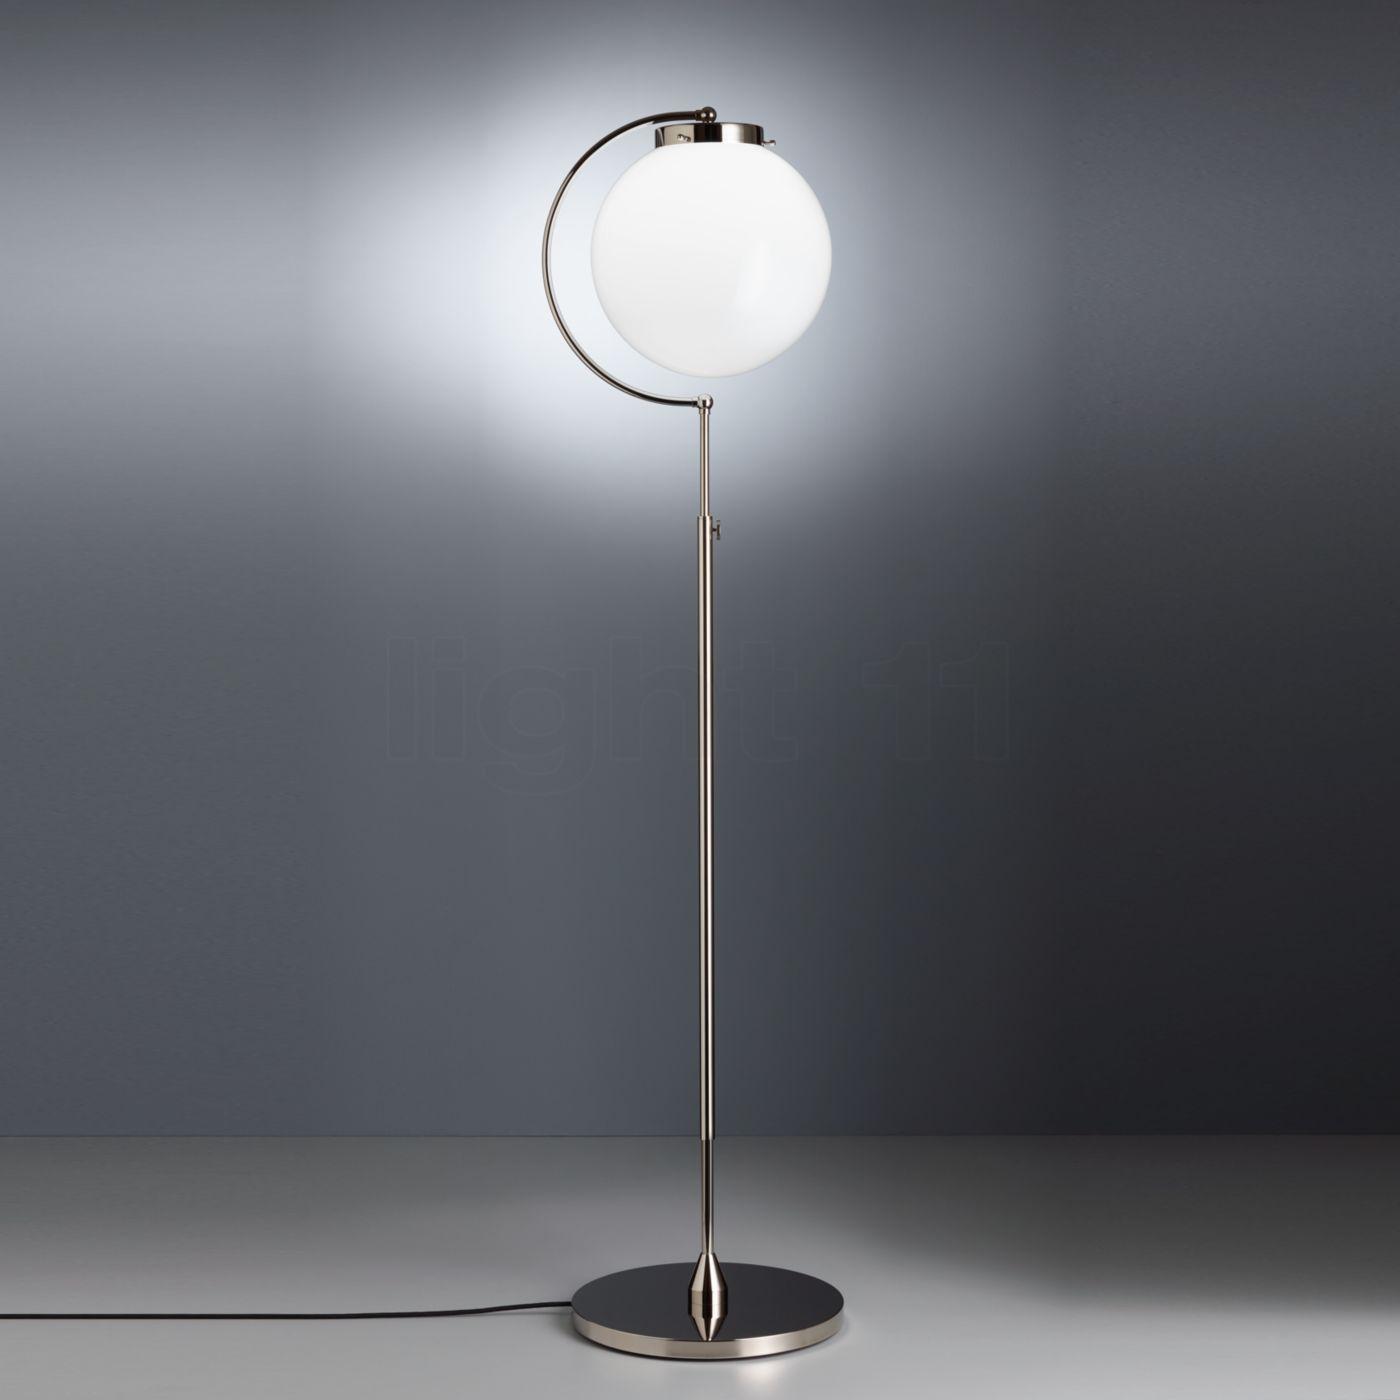 Schlafzimmer Lampe Tedox: Bauhaus Schlafzimmer Lampe. Gesunde Kopfkissen Test